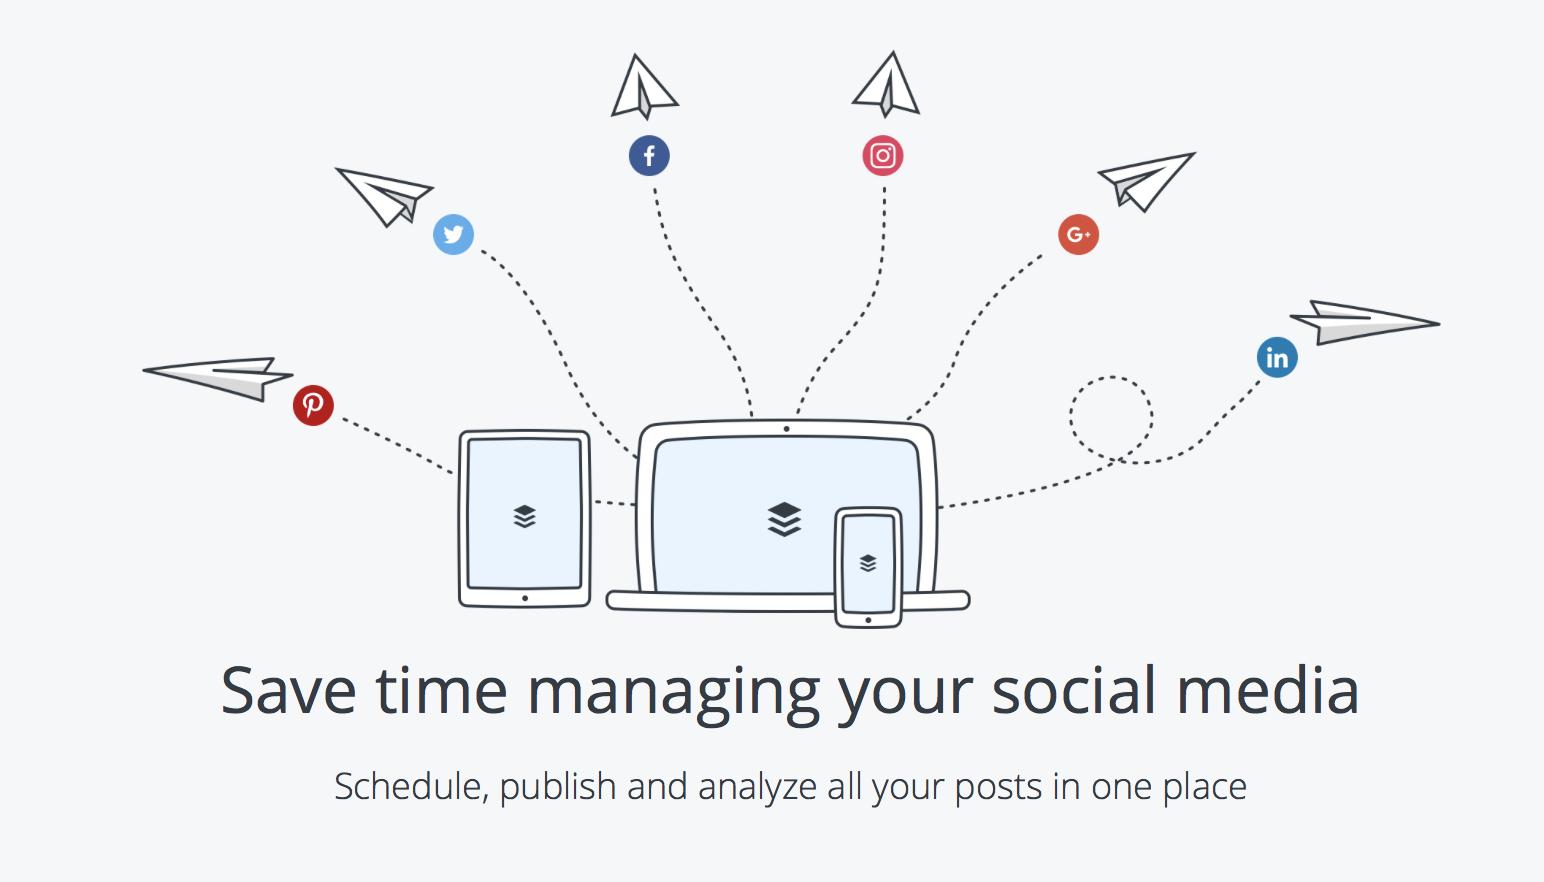 بافر به کاربران کمک می کند تا محتوای خود را به راحتی بر روی شبکه های اجتماعی منتشر کنند